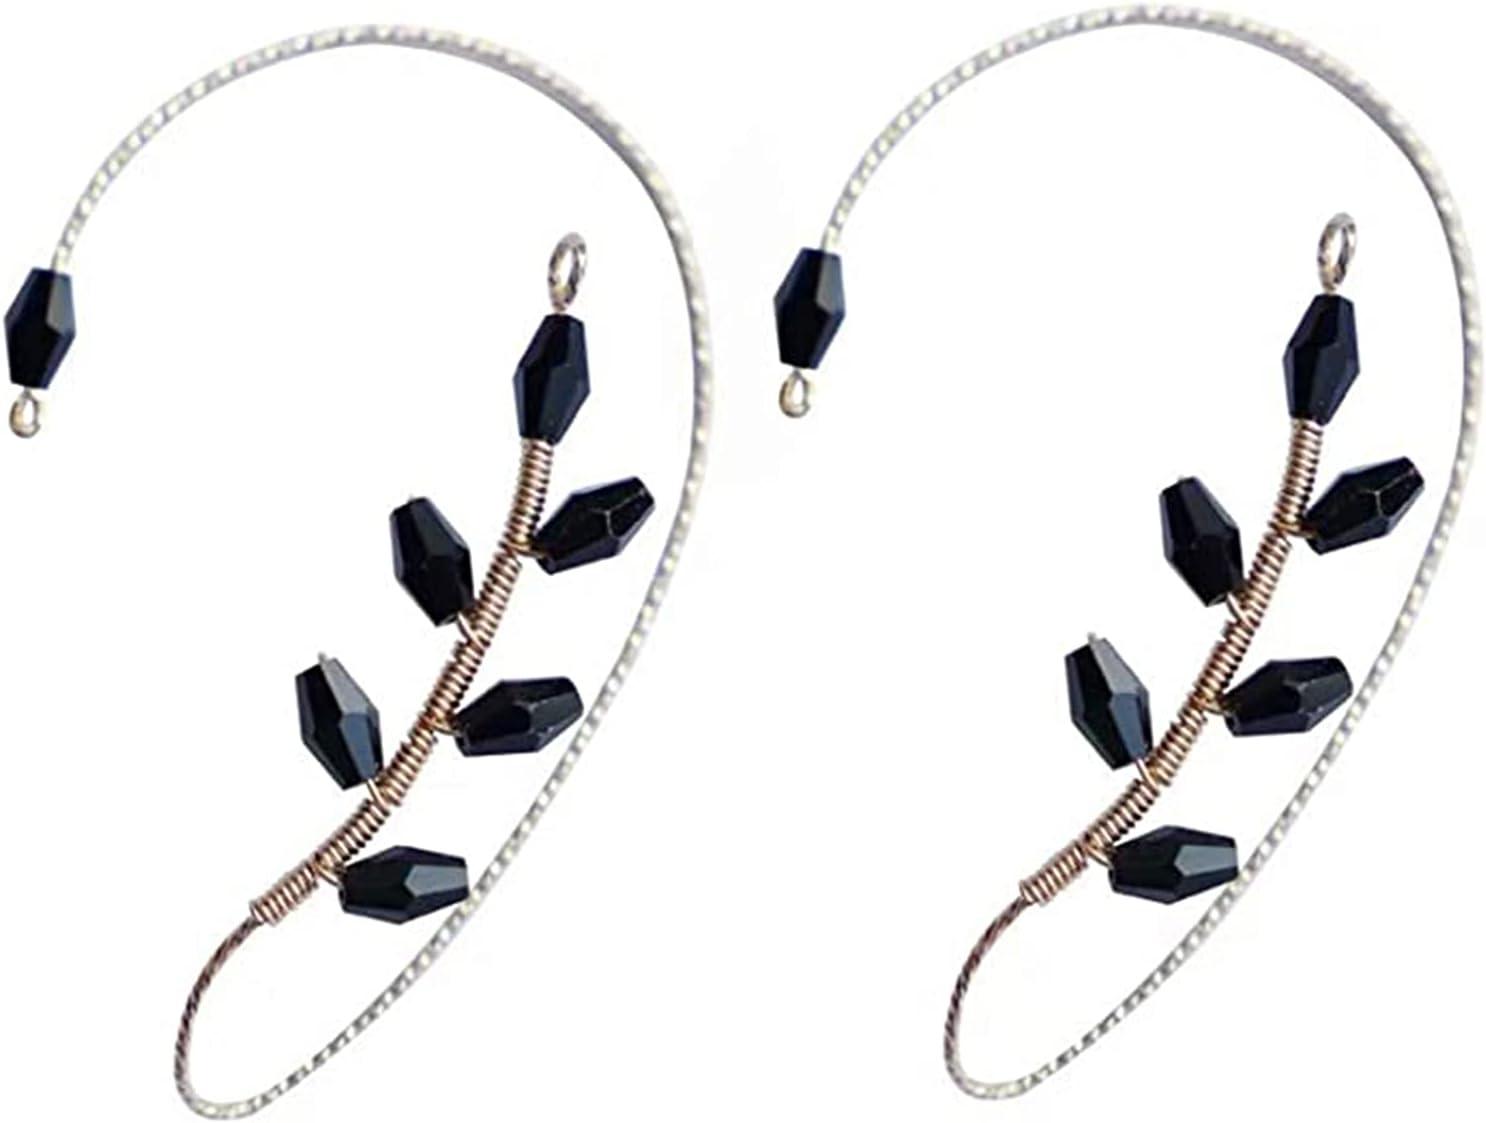 NiXing 1 Pair Vintage Ear Cuff Earrings Elegant Crystal Pearl Design Earrings for Women and Girls